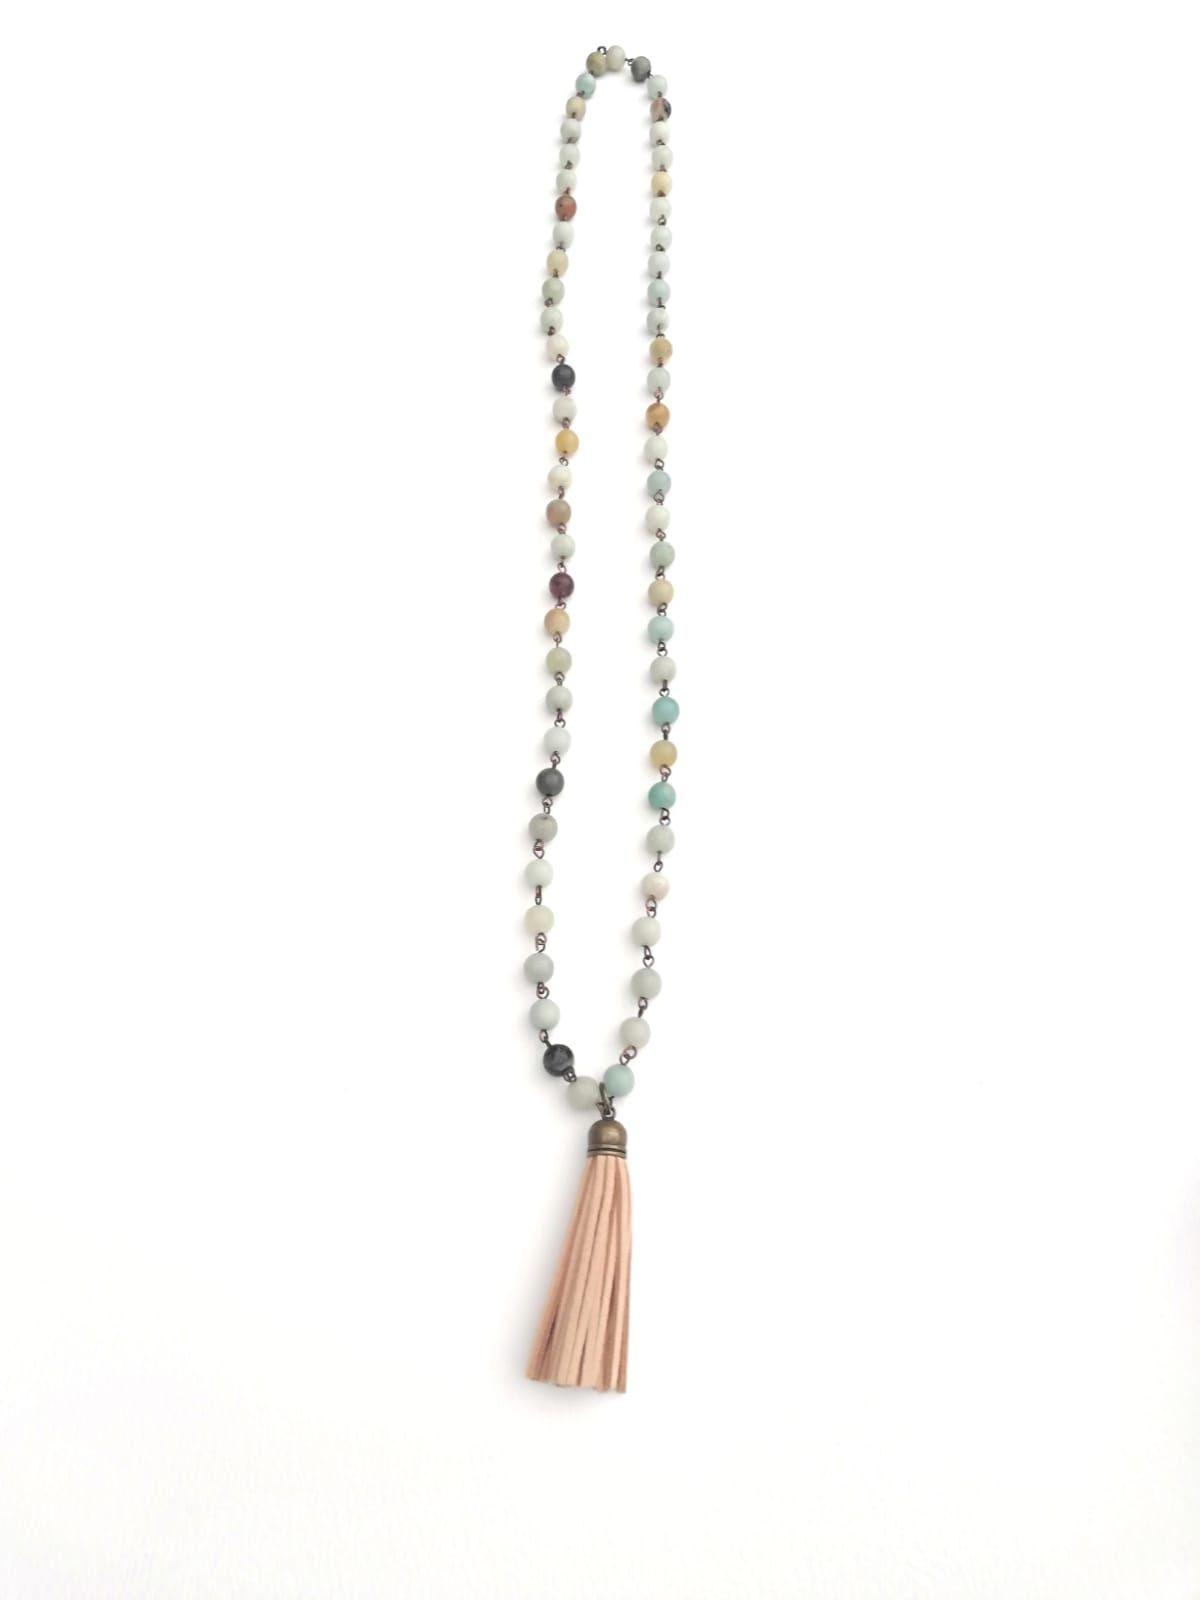 ed0e871552e2 Collar largo piedra natural amazonita con pompón flecos piel beige tendencia  complementos